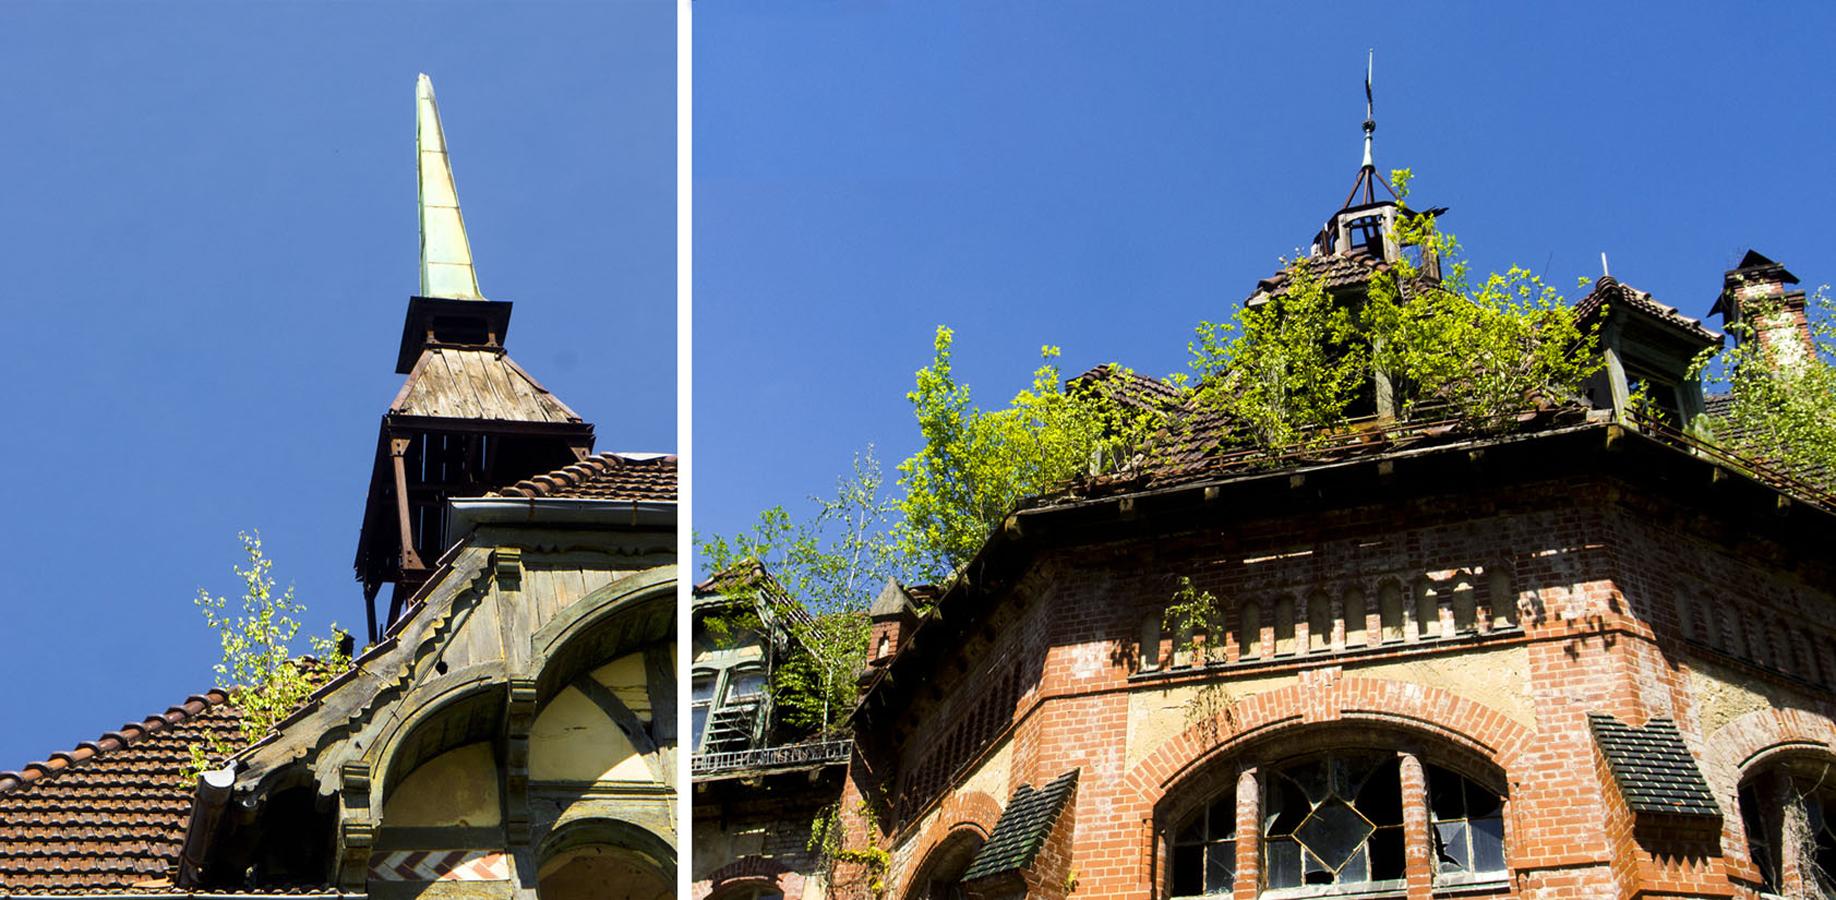 Heilstätten. Beelitz, Germany